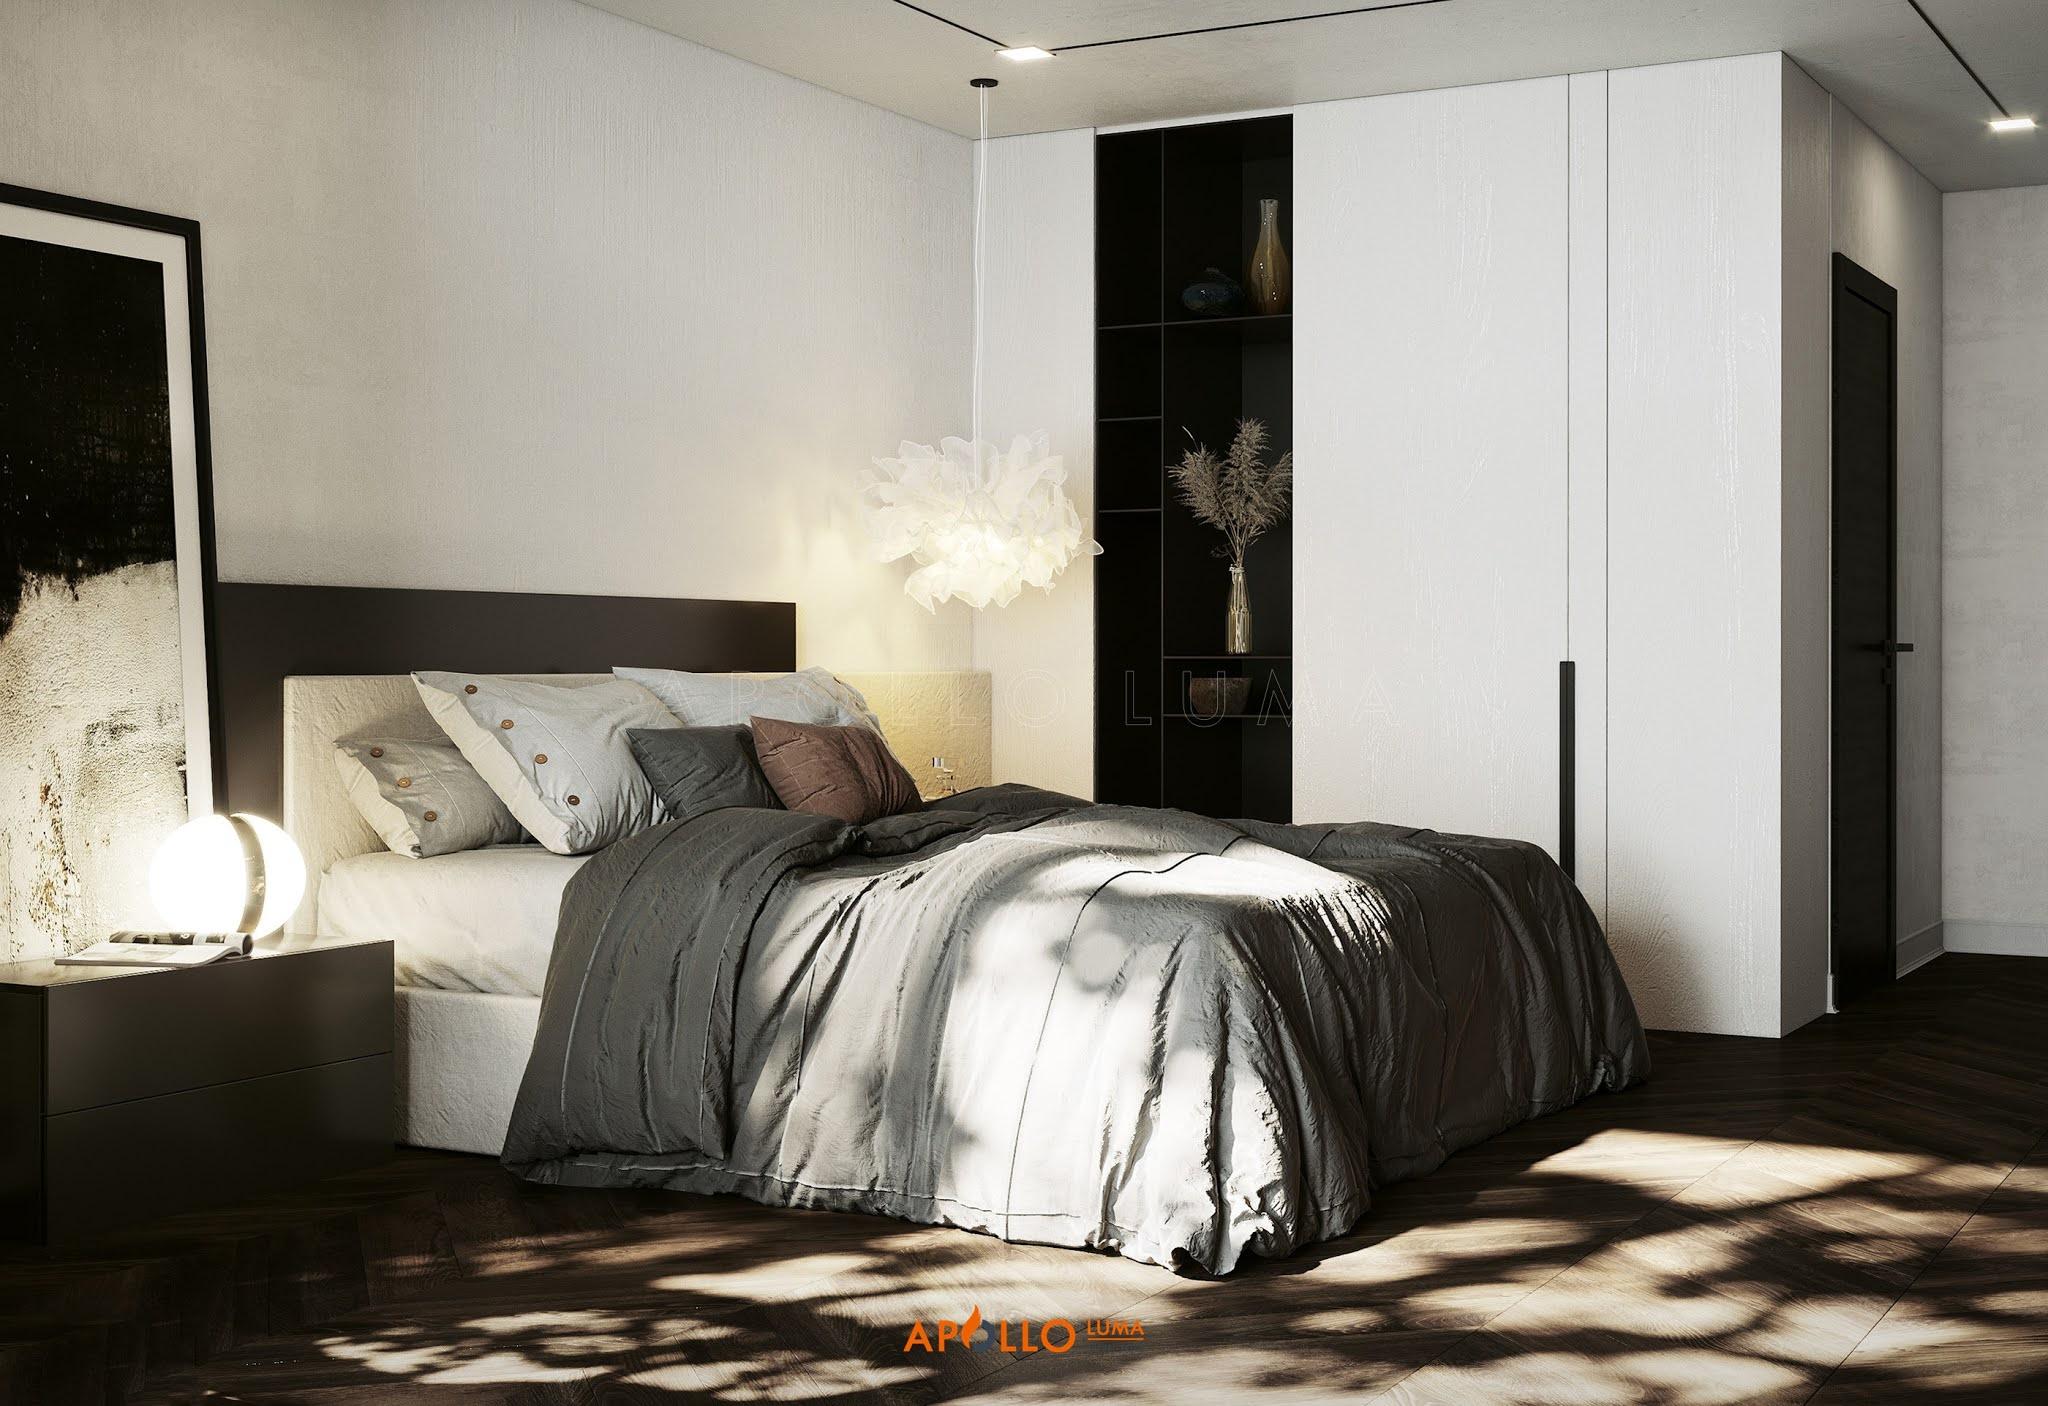 Thiết kế nội thất căn hộ 4 phòng ngủThiết kế nội thất căn hộ 4 phòng ngủ Vinhomes SkyLake Phạm Hùng Vinhomes SkyLake Phạm Hùng